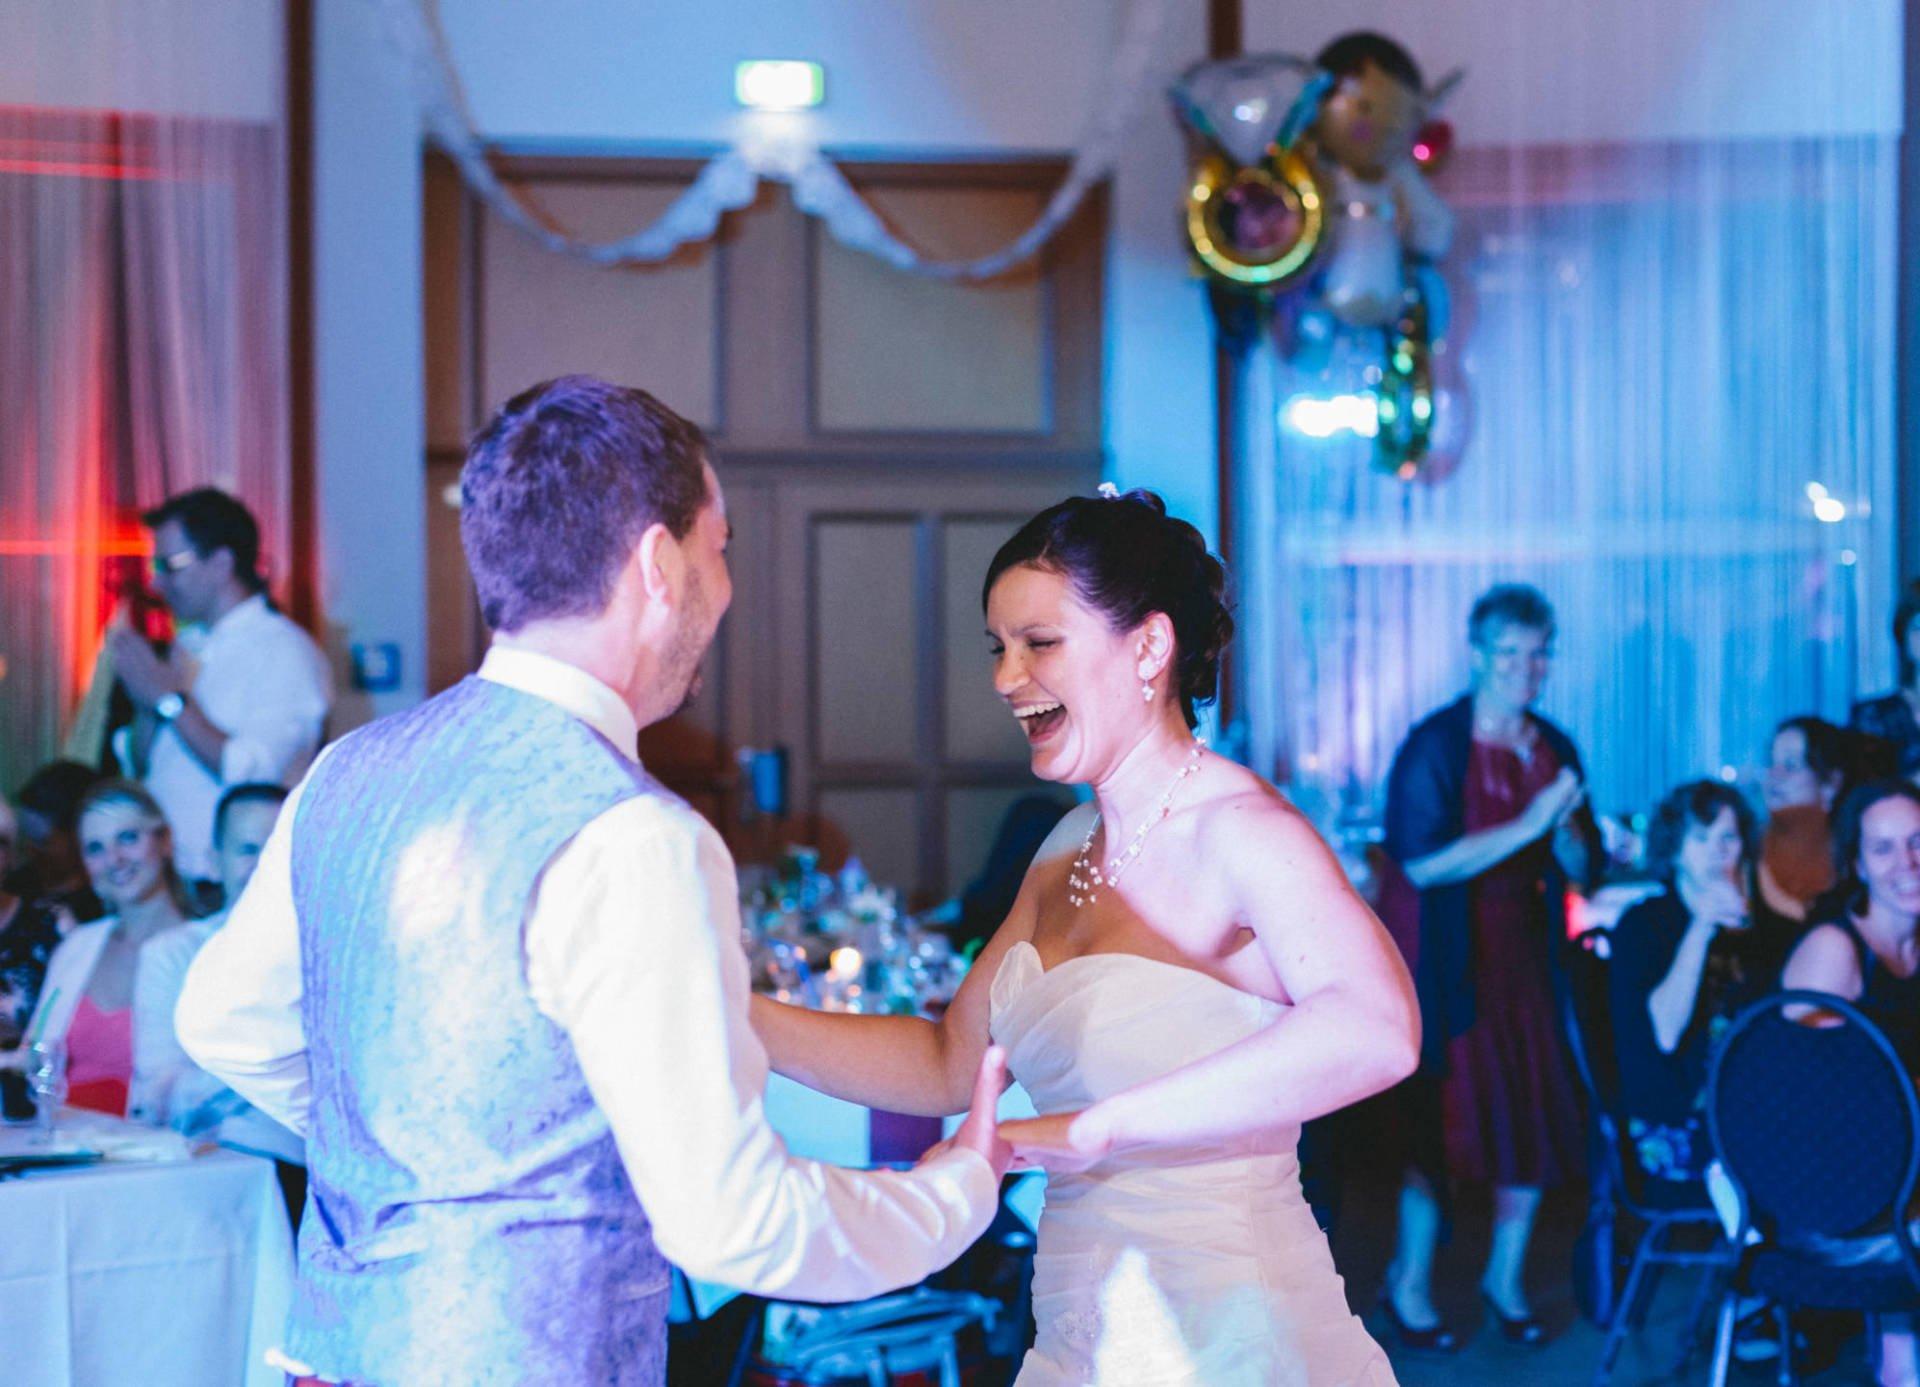 Hochzeitsreportage | Hochzeit im Paradies Jena | 46